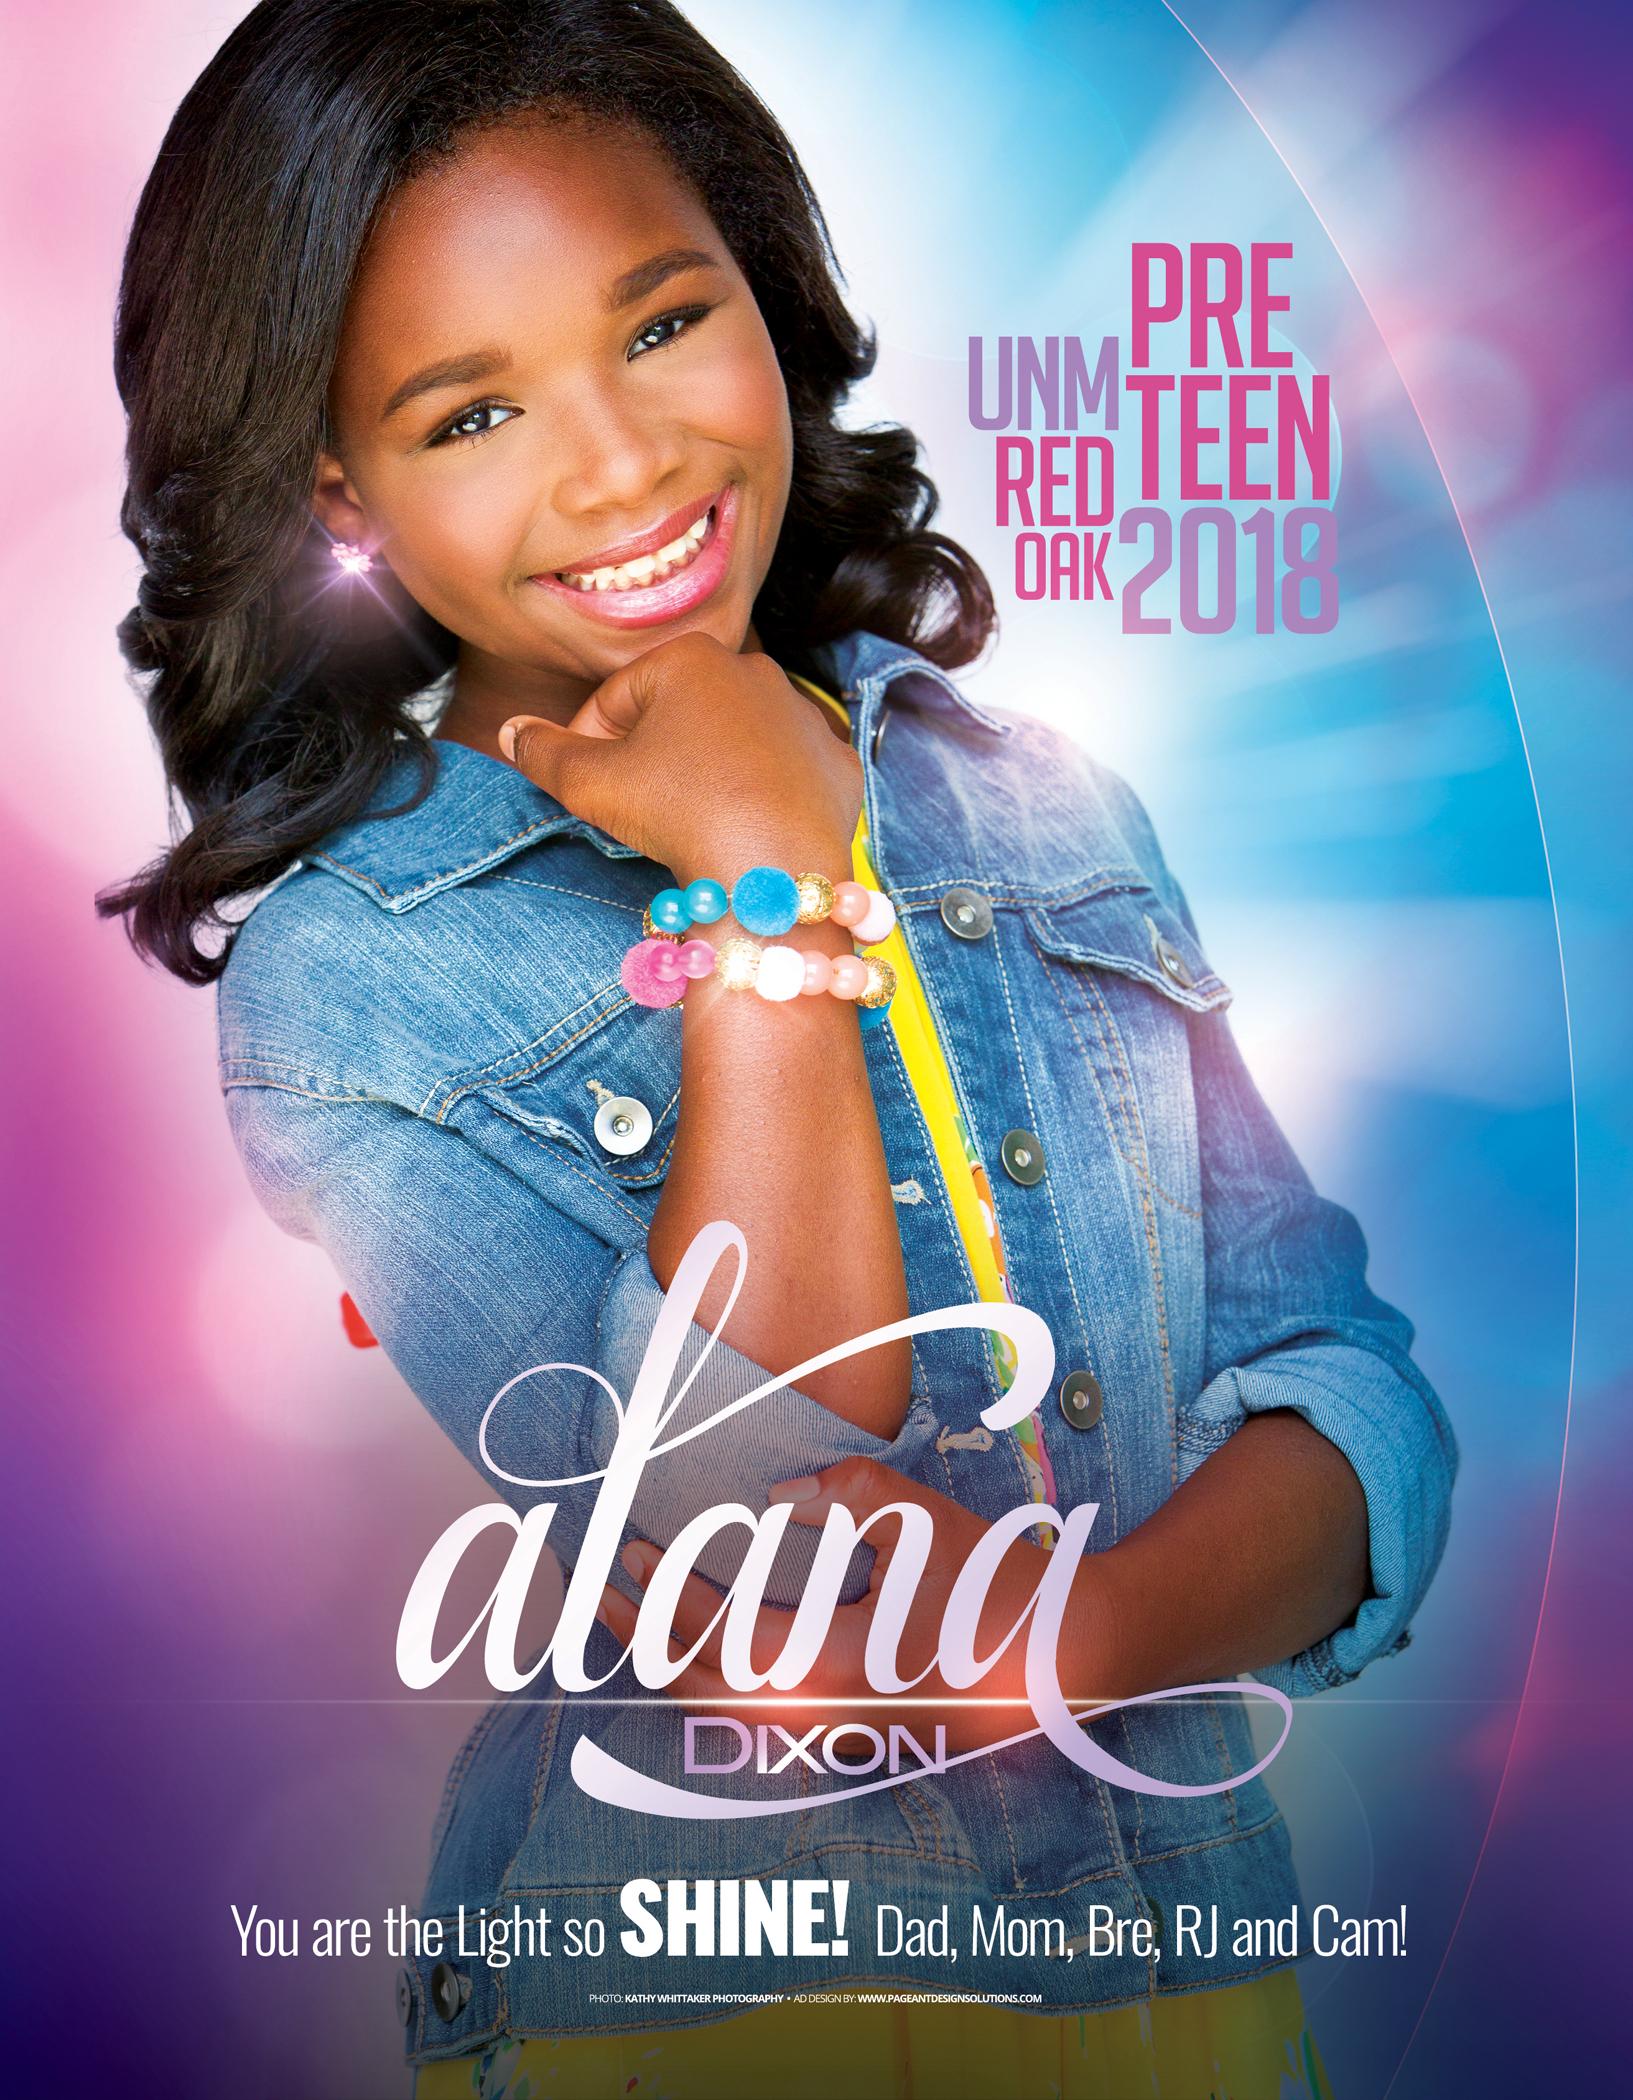 Dixon, Alana AD